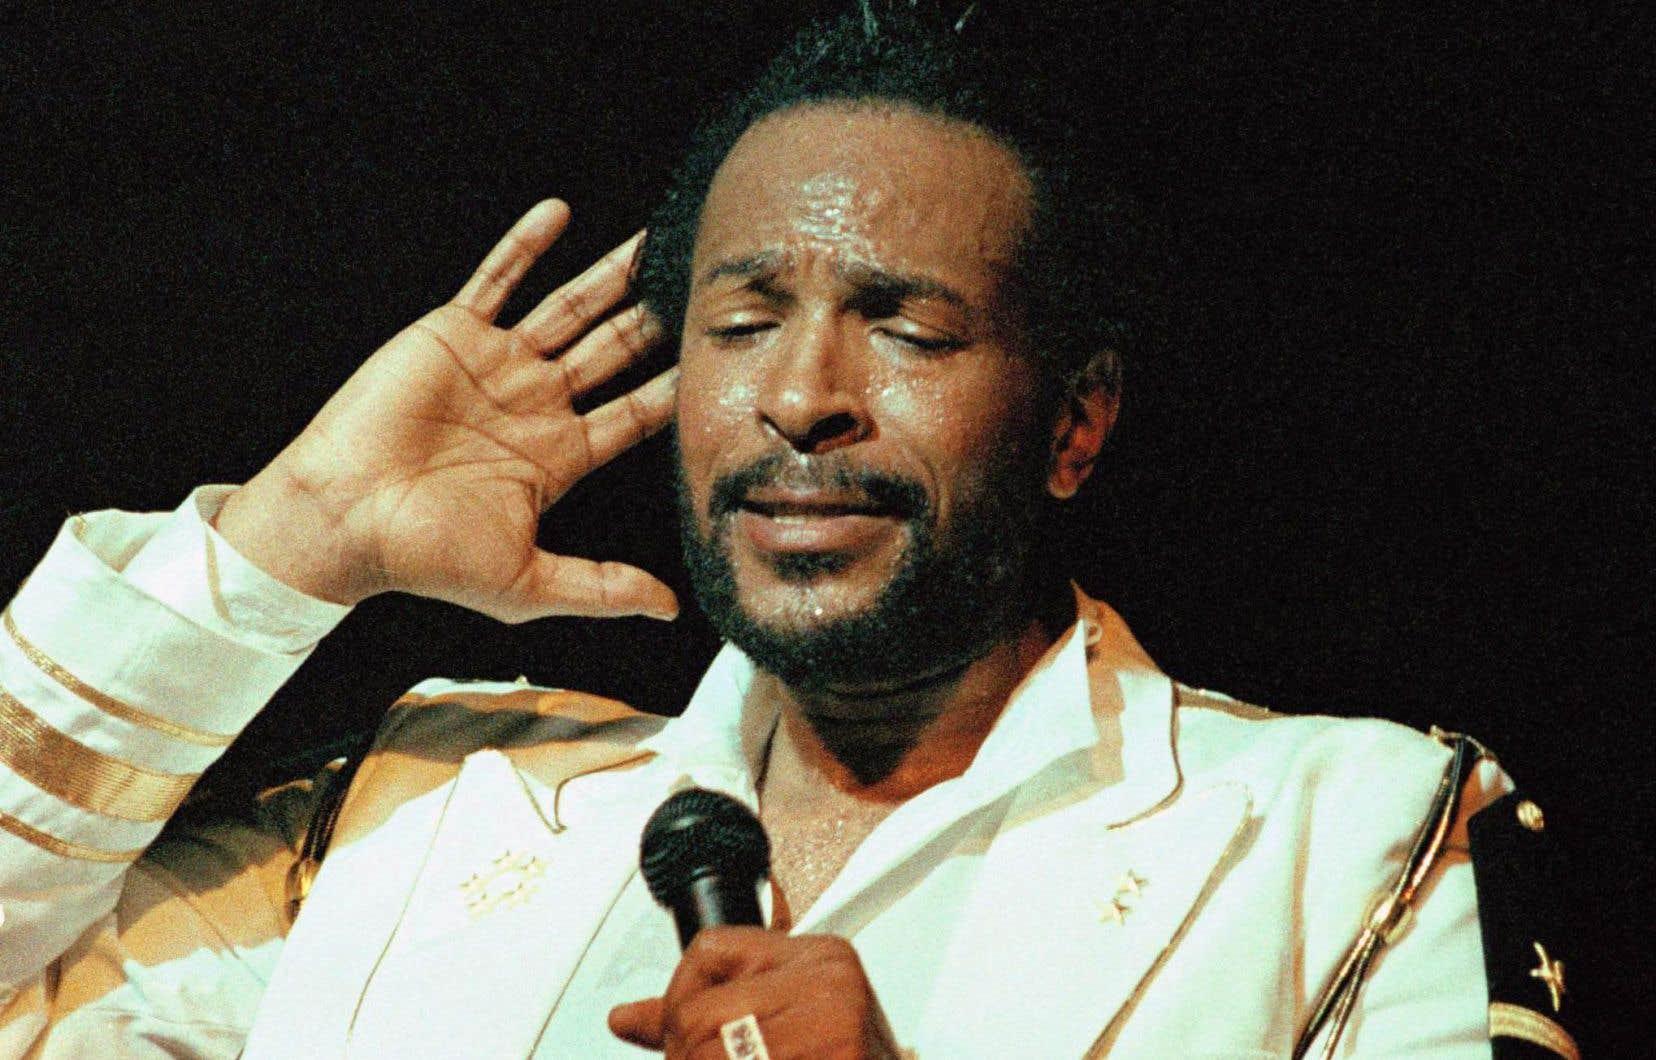 Rien d'essentiel sur cet album, sinon la joie de redécouvrir la voix et le flegme de Marvin Gaye.